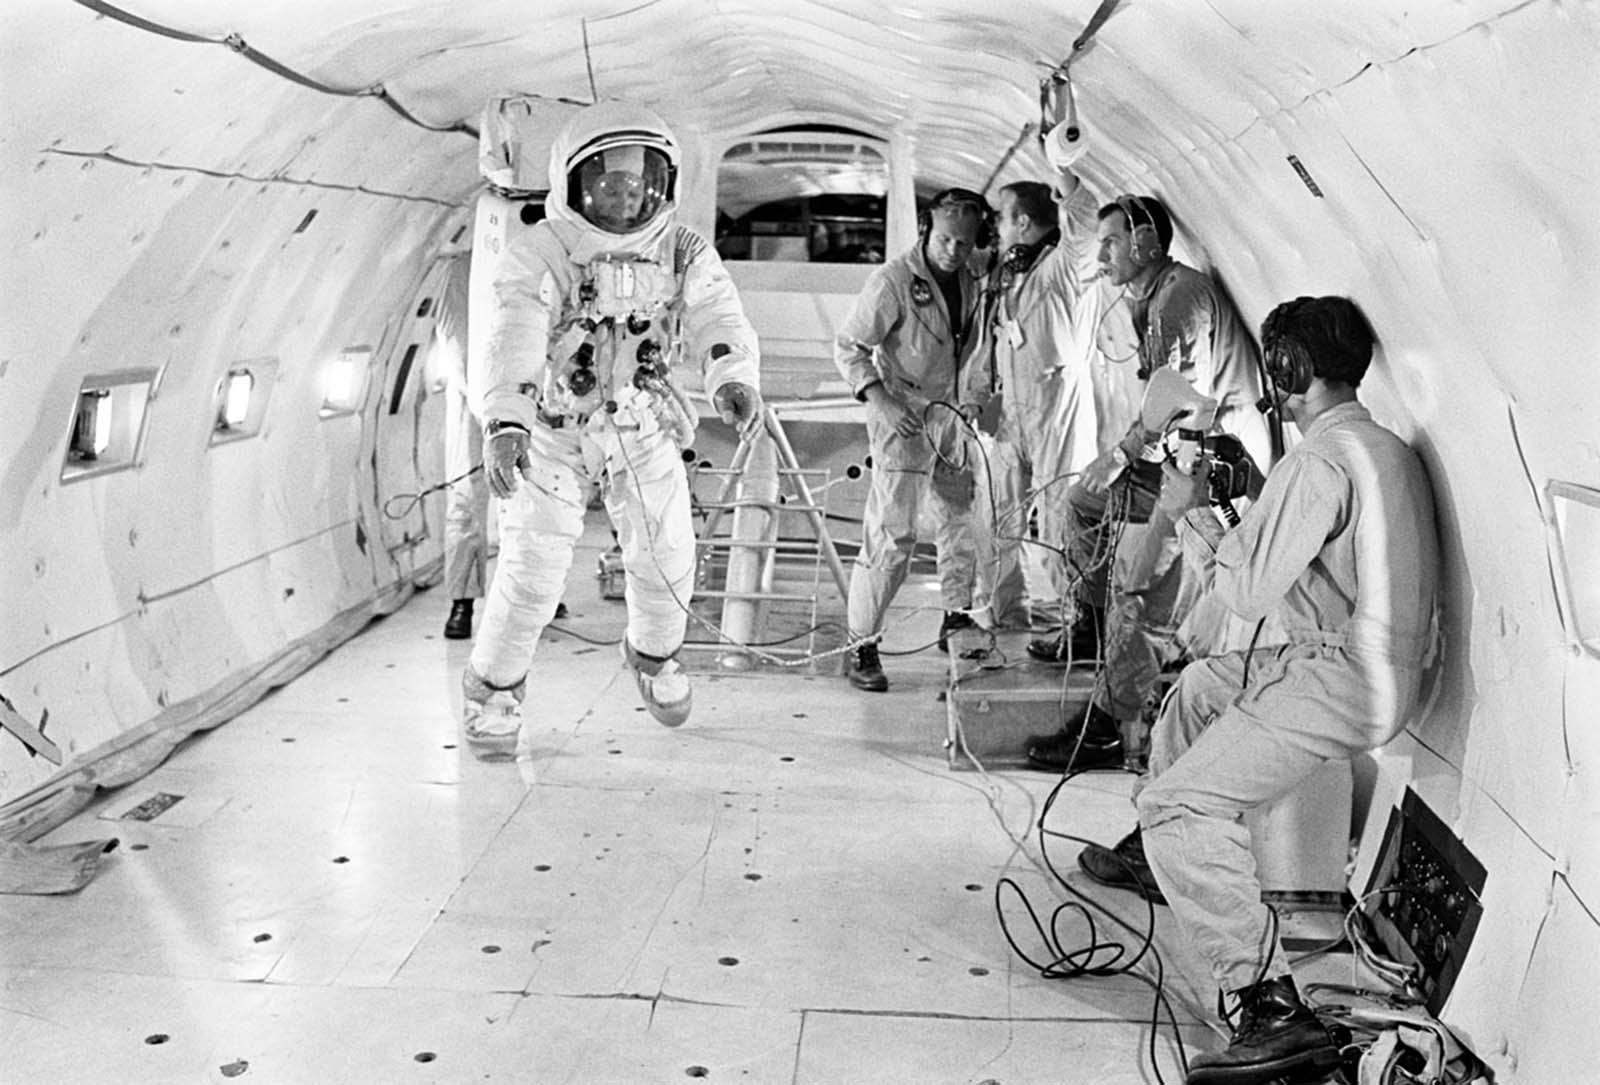 O astronauta Buzz Aldrin, totalmente adequado, recebe mais tempo de treinamento em condições parcialmente sem peso a bordo de um avião KC-135 da Base Aérea Wright-Patterson em 9 de julho de 1969. A gravidade da lua é cerca de um sexto da gravidade da Terra.